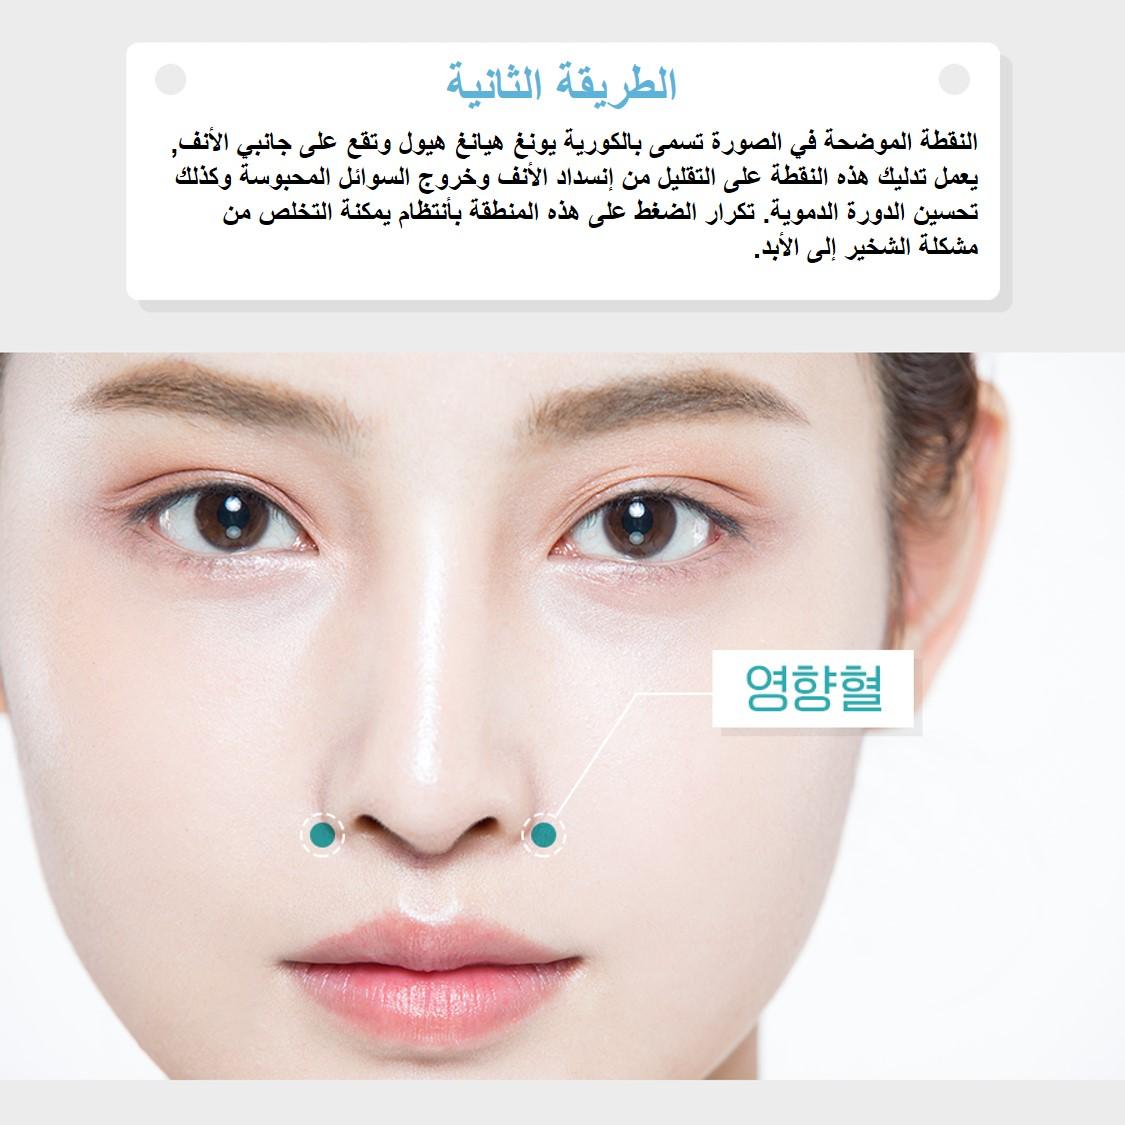 طرق التخلص من الشخير بطرق مساه من  الطب الكوري التقليدي